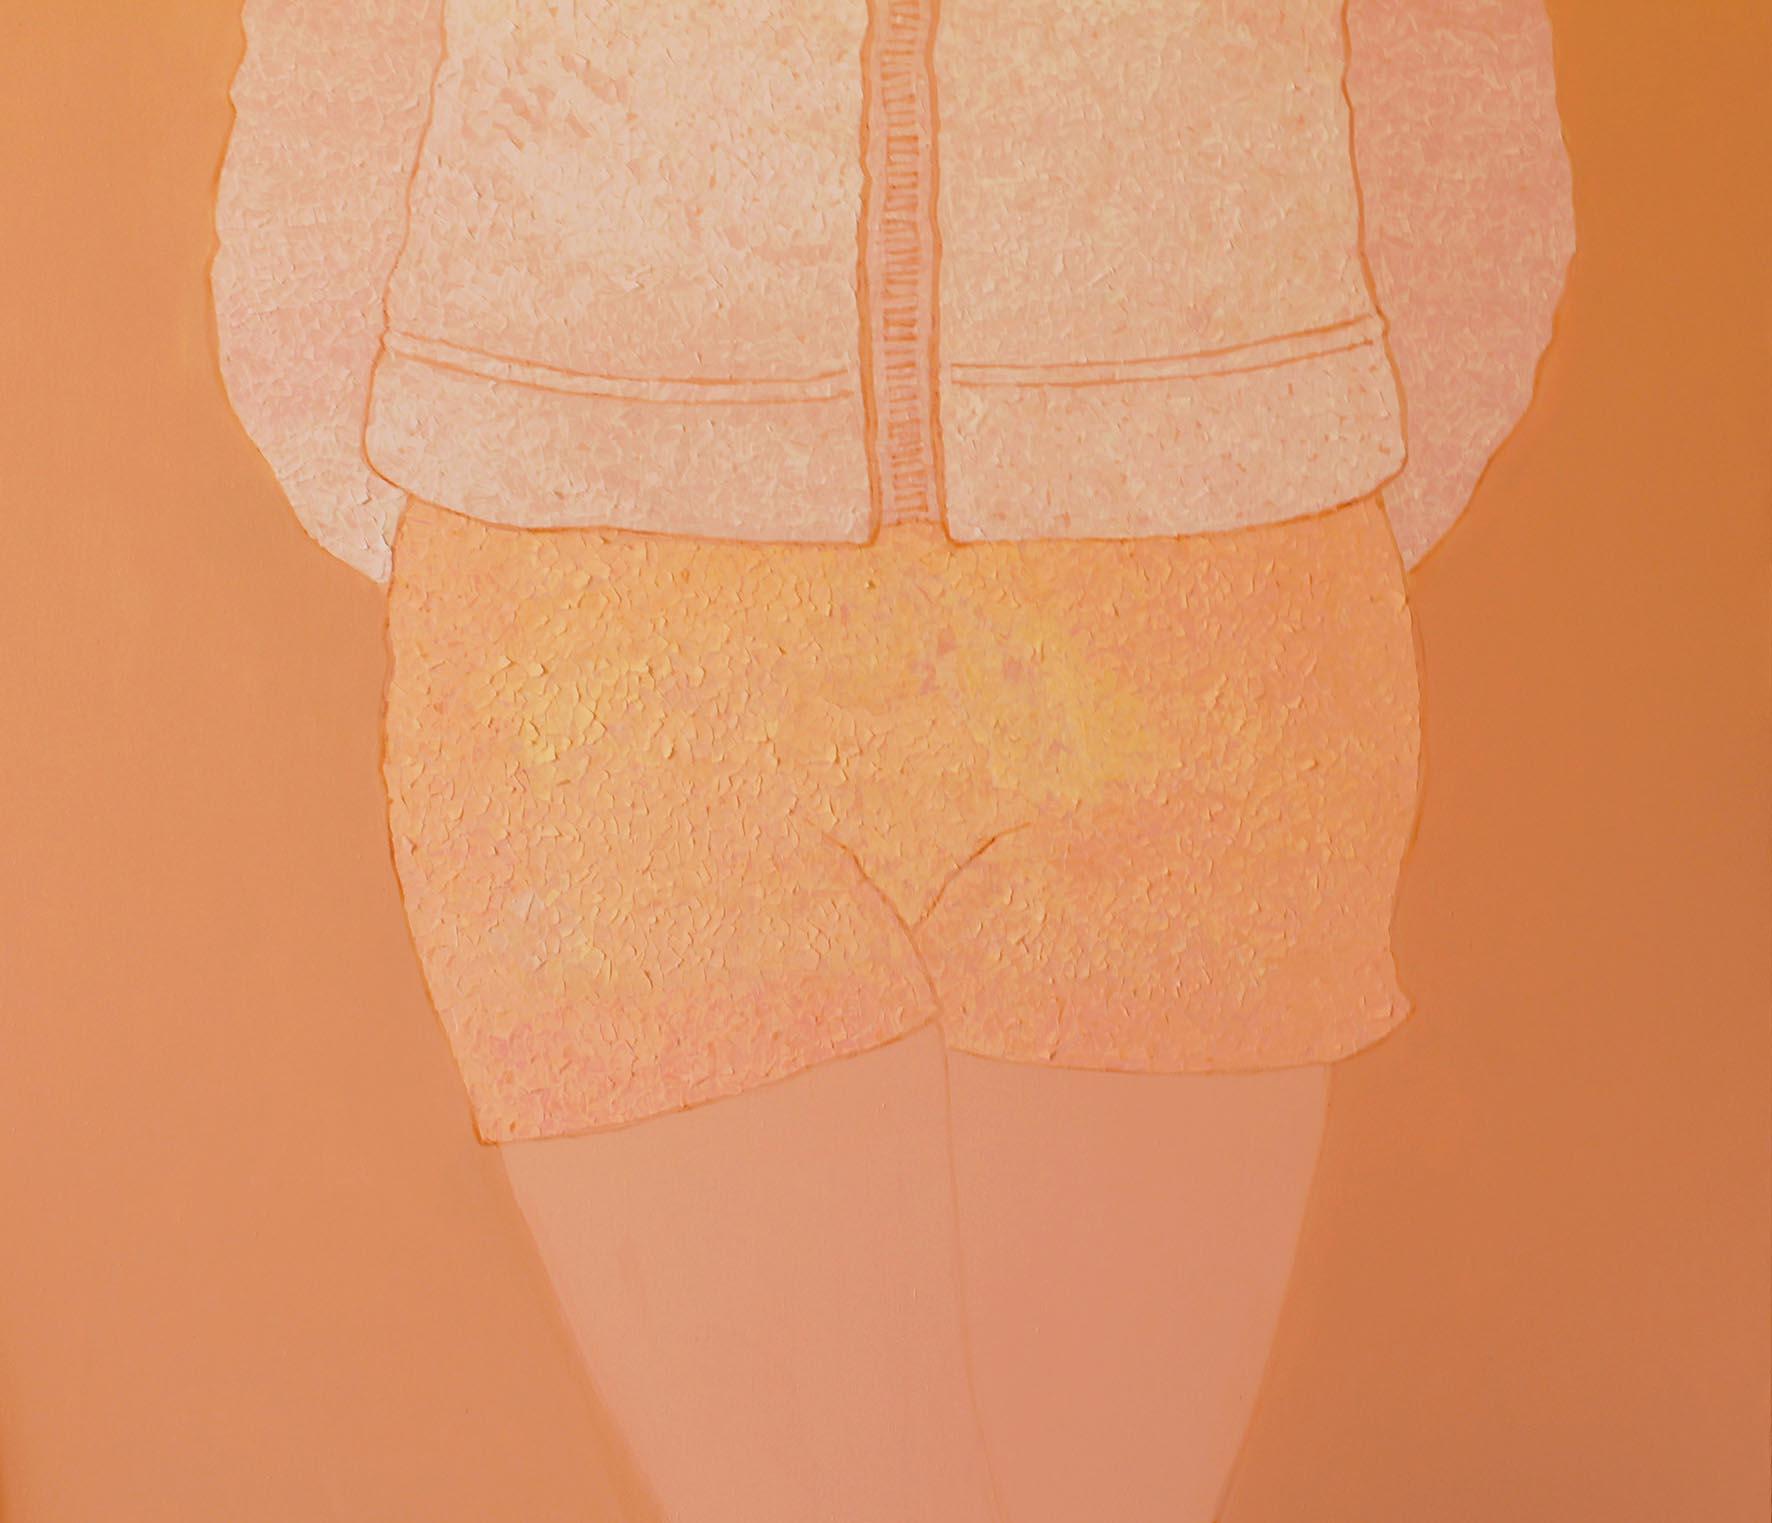 Senza titolo, |Acrilico e carta colorata su tela, 100x100cm, 2013